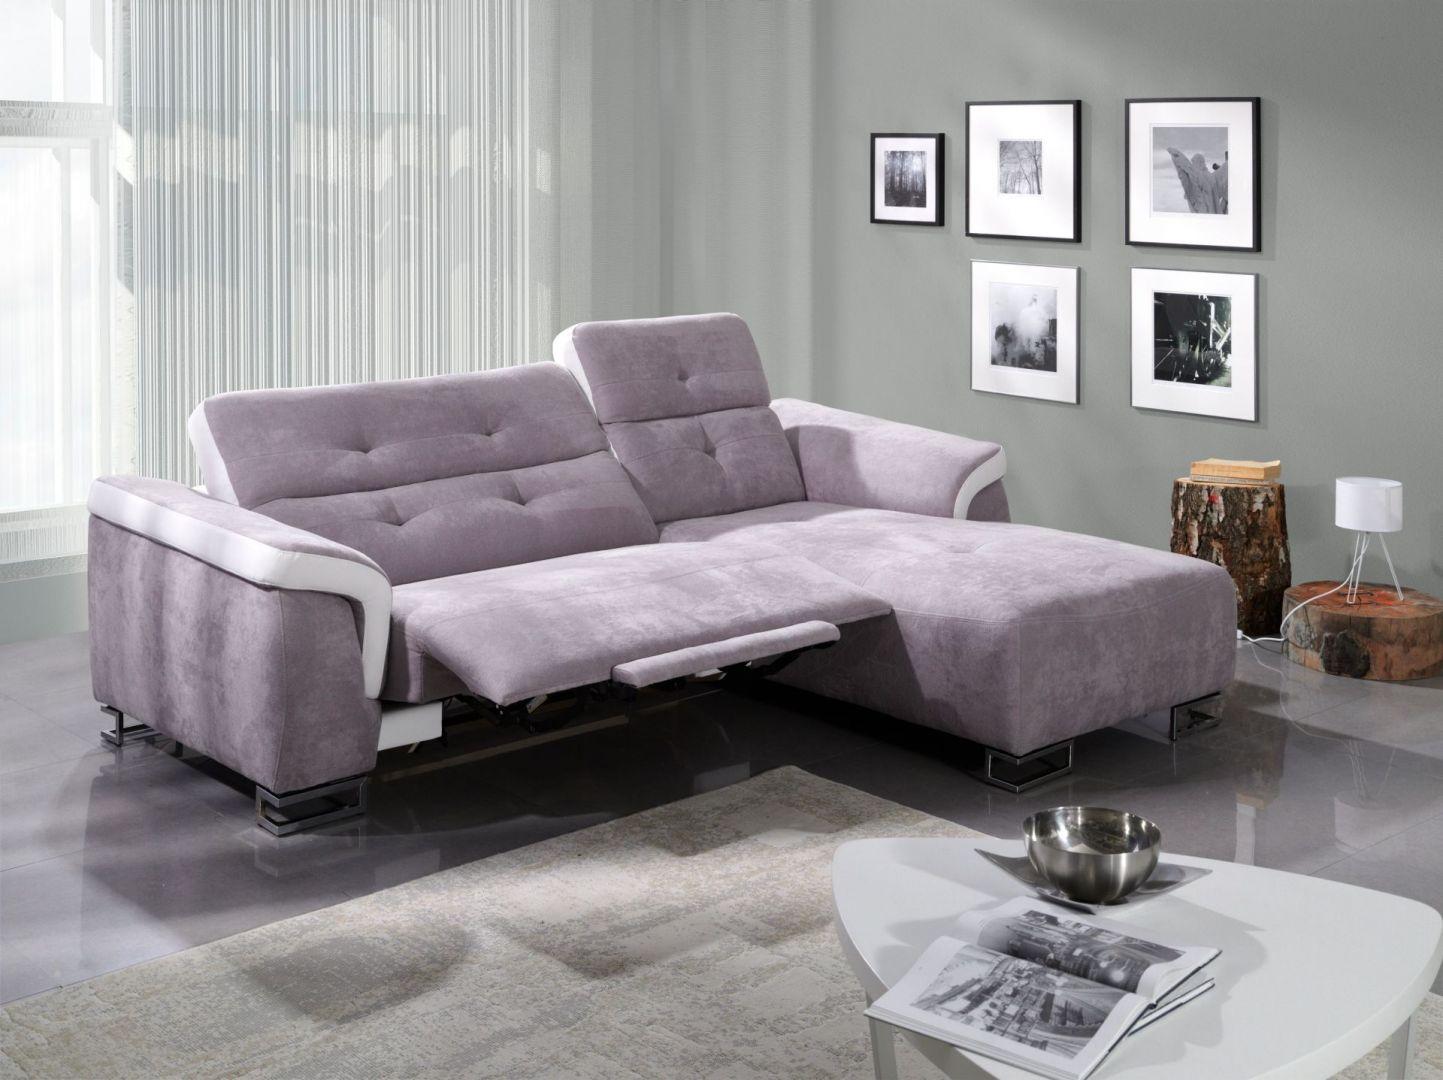 Sofa Amber marki Benix komfortowo się rozkłada, dzięki temu można się na niej wygodnie wypocząć. Cena: ok 4.614 zł. Fot. Benix